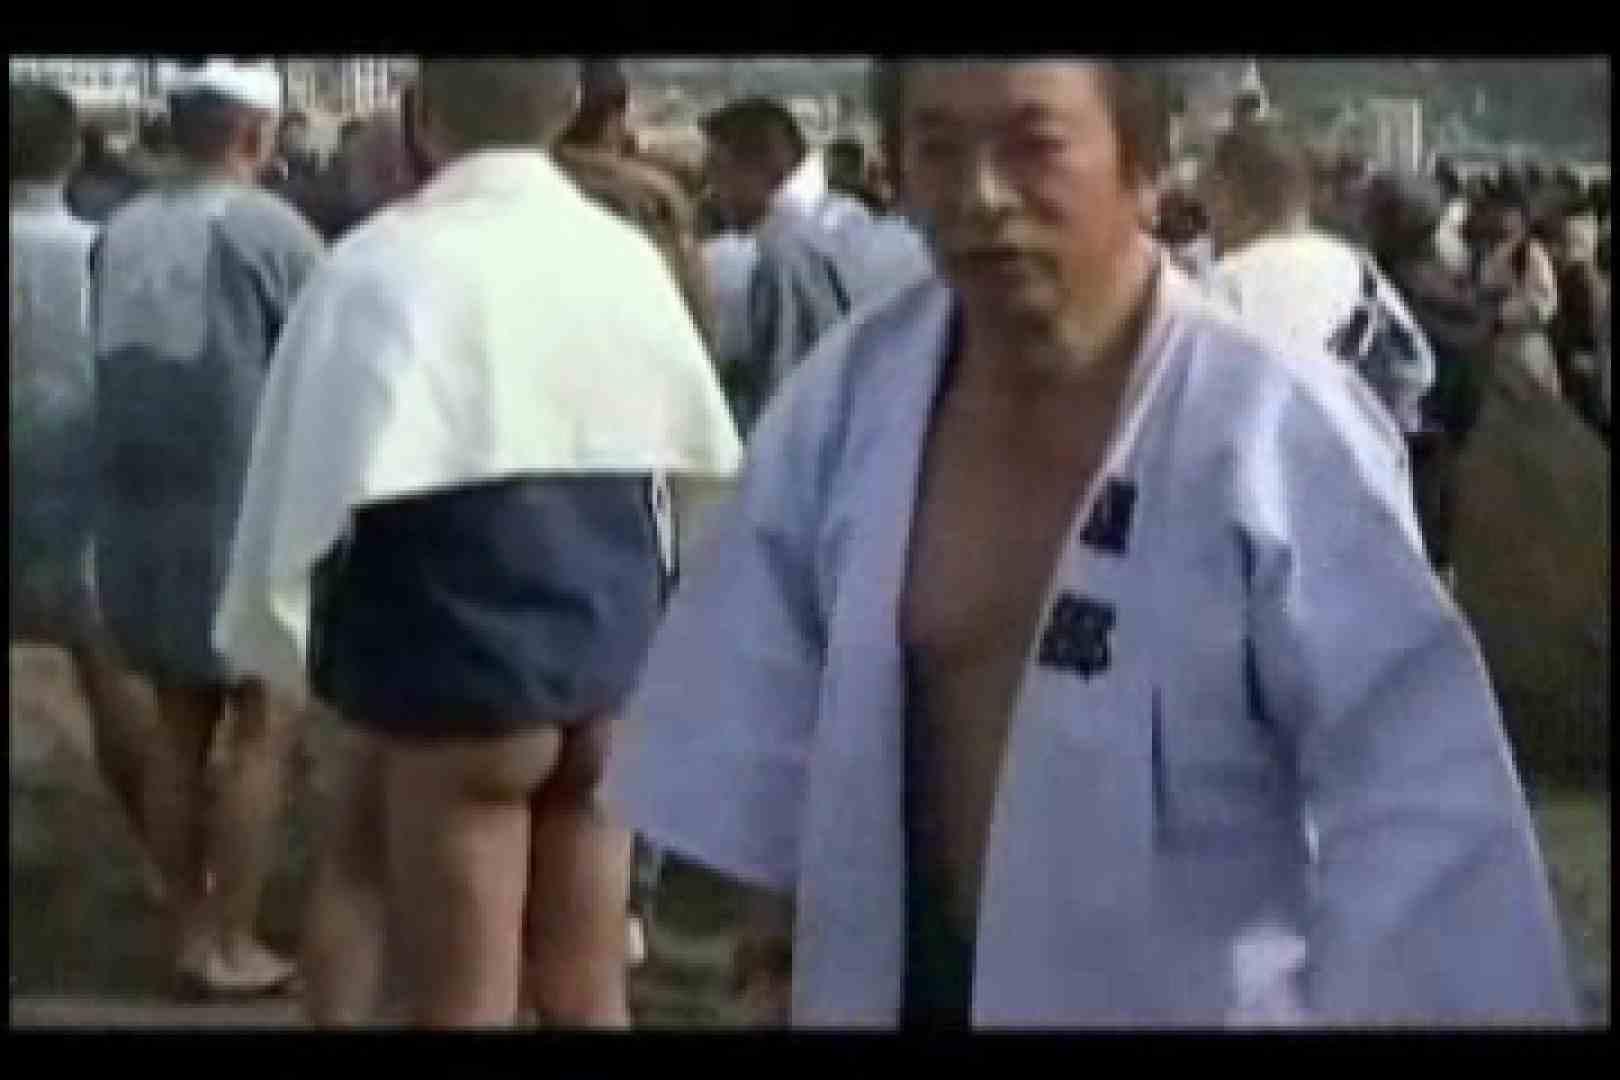 陰間茶屋 男児祭り VOL.1 野外露出動画 ゲイ丸見え画像 76pic 20